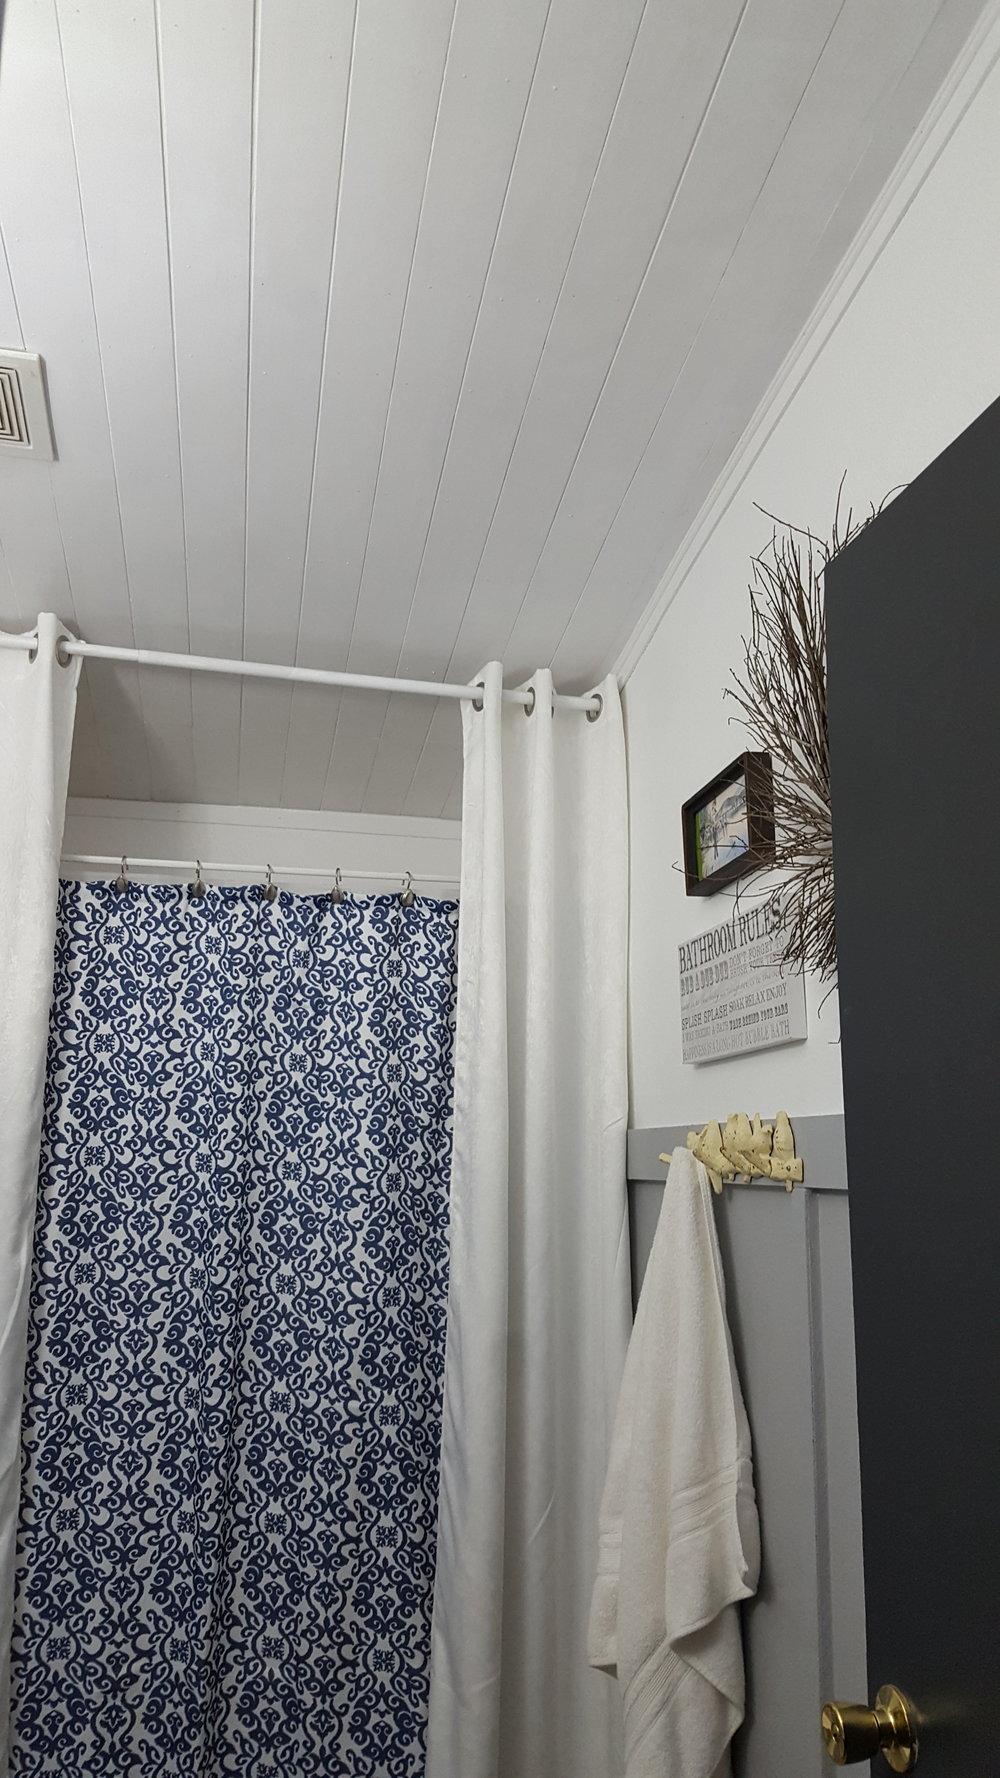 diy planked ceiling in bathroom.jpg